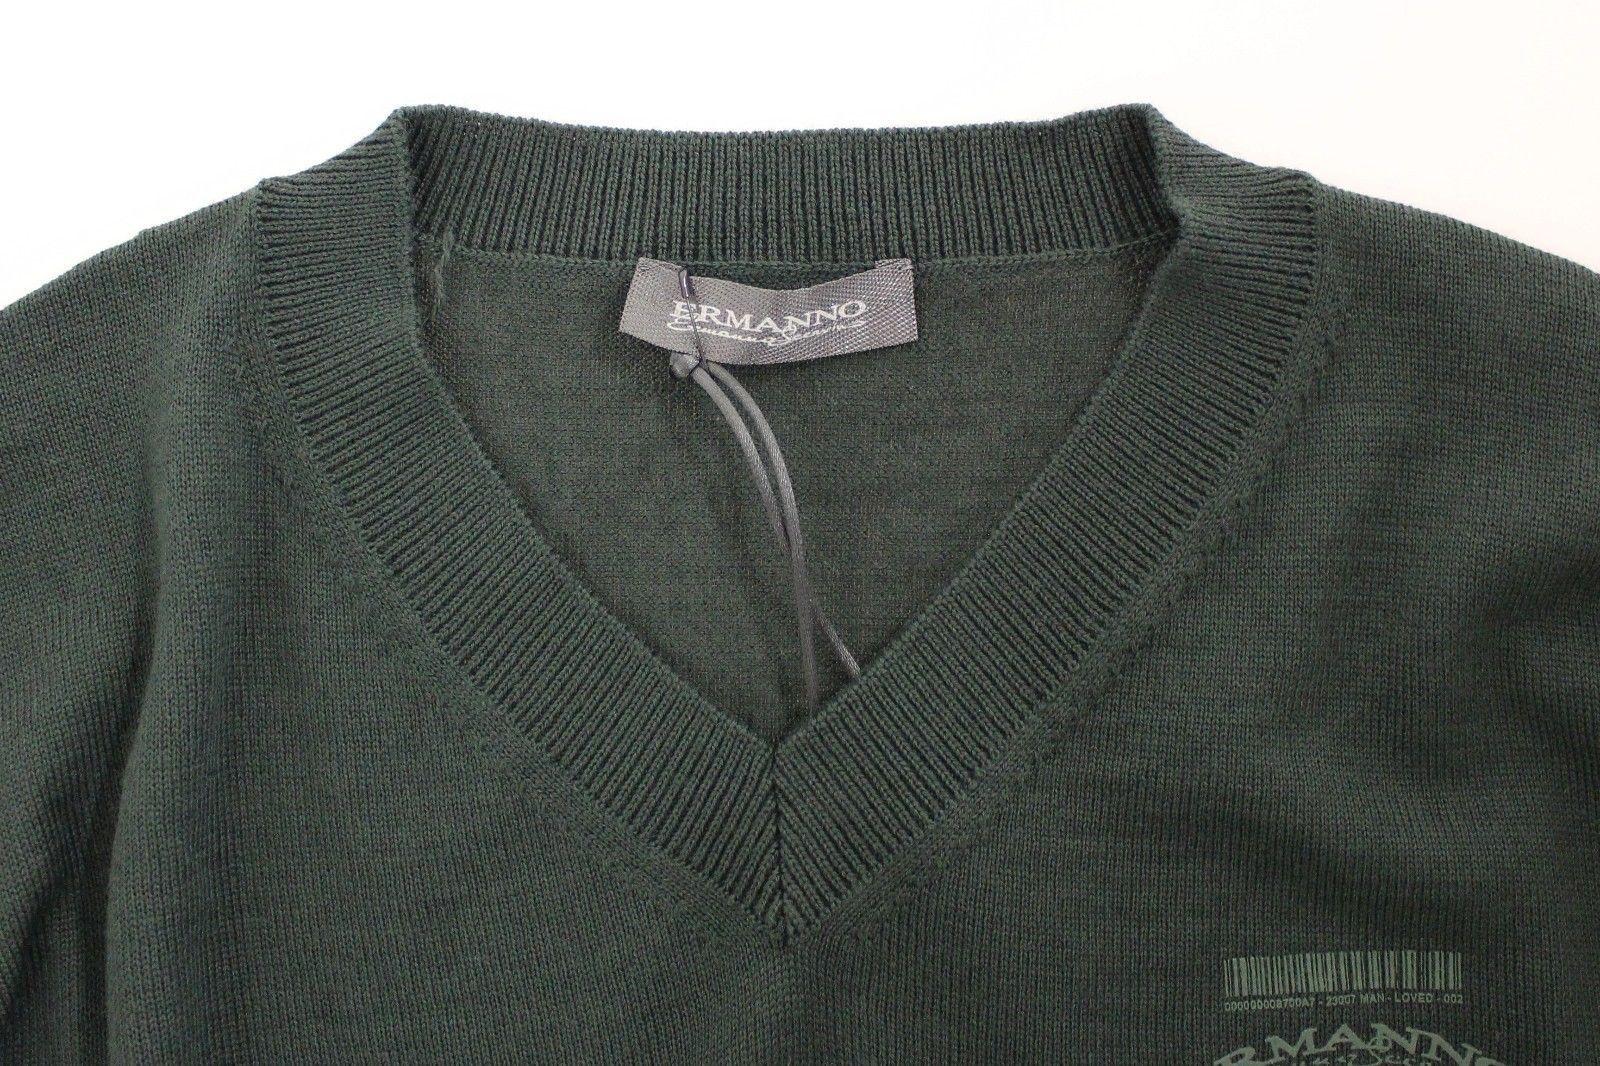 Ermanno Scervino Green Wool Blend V-neck Pullover Sweater